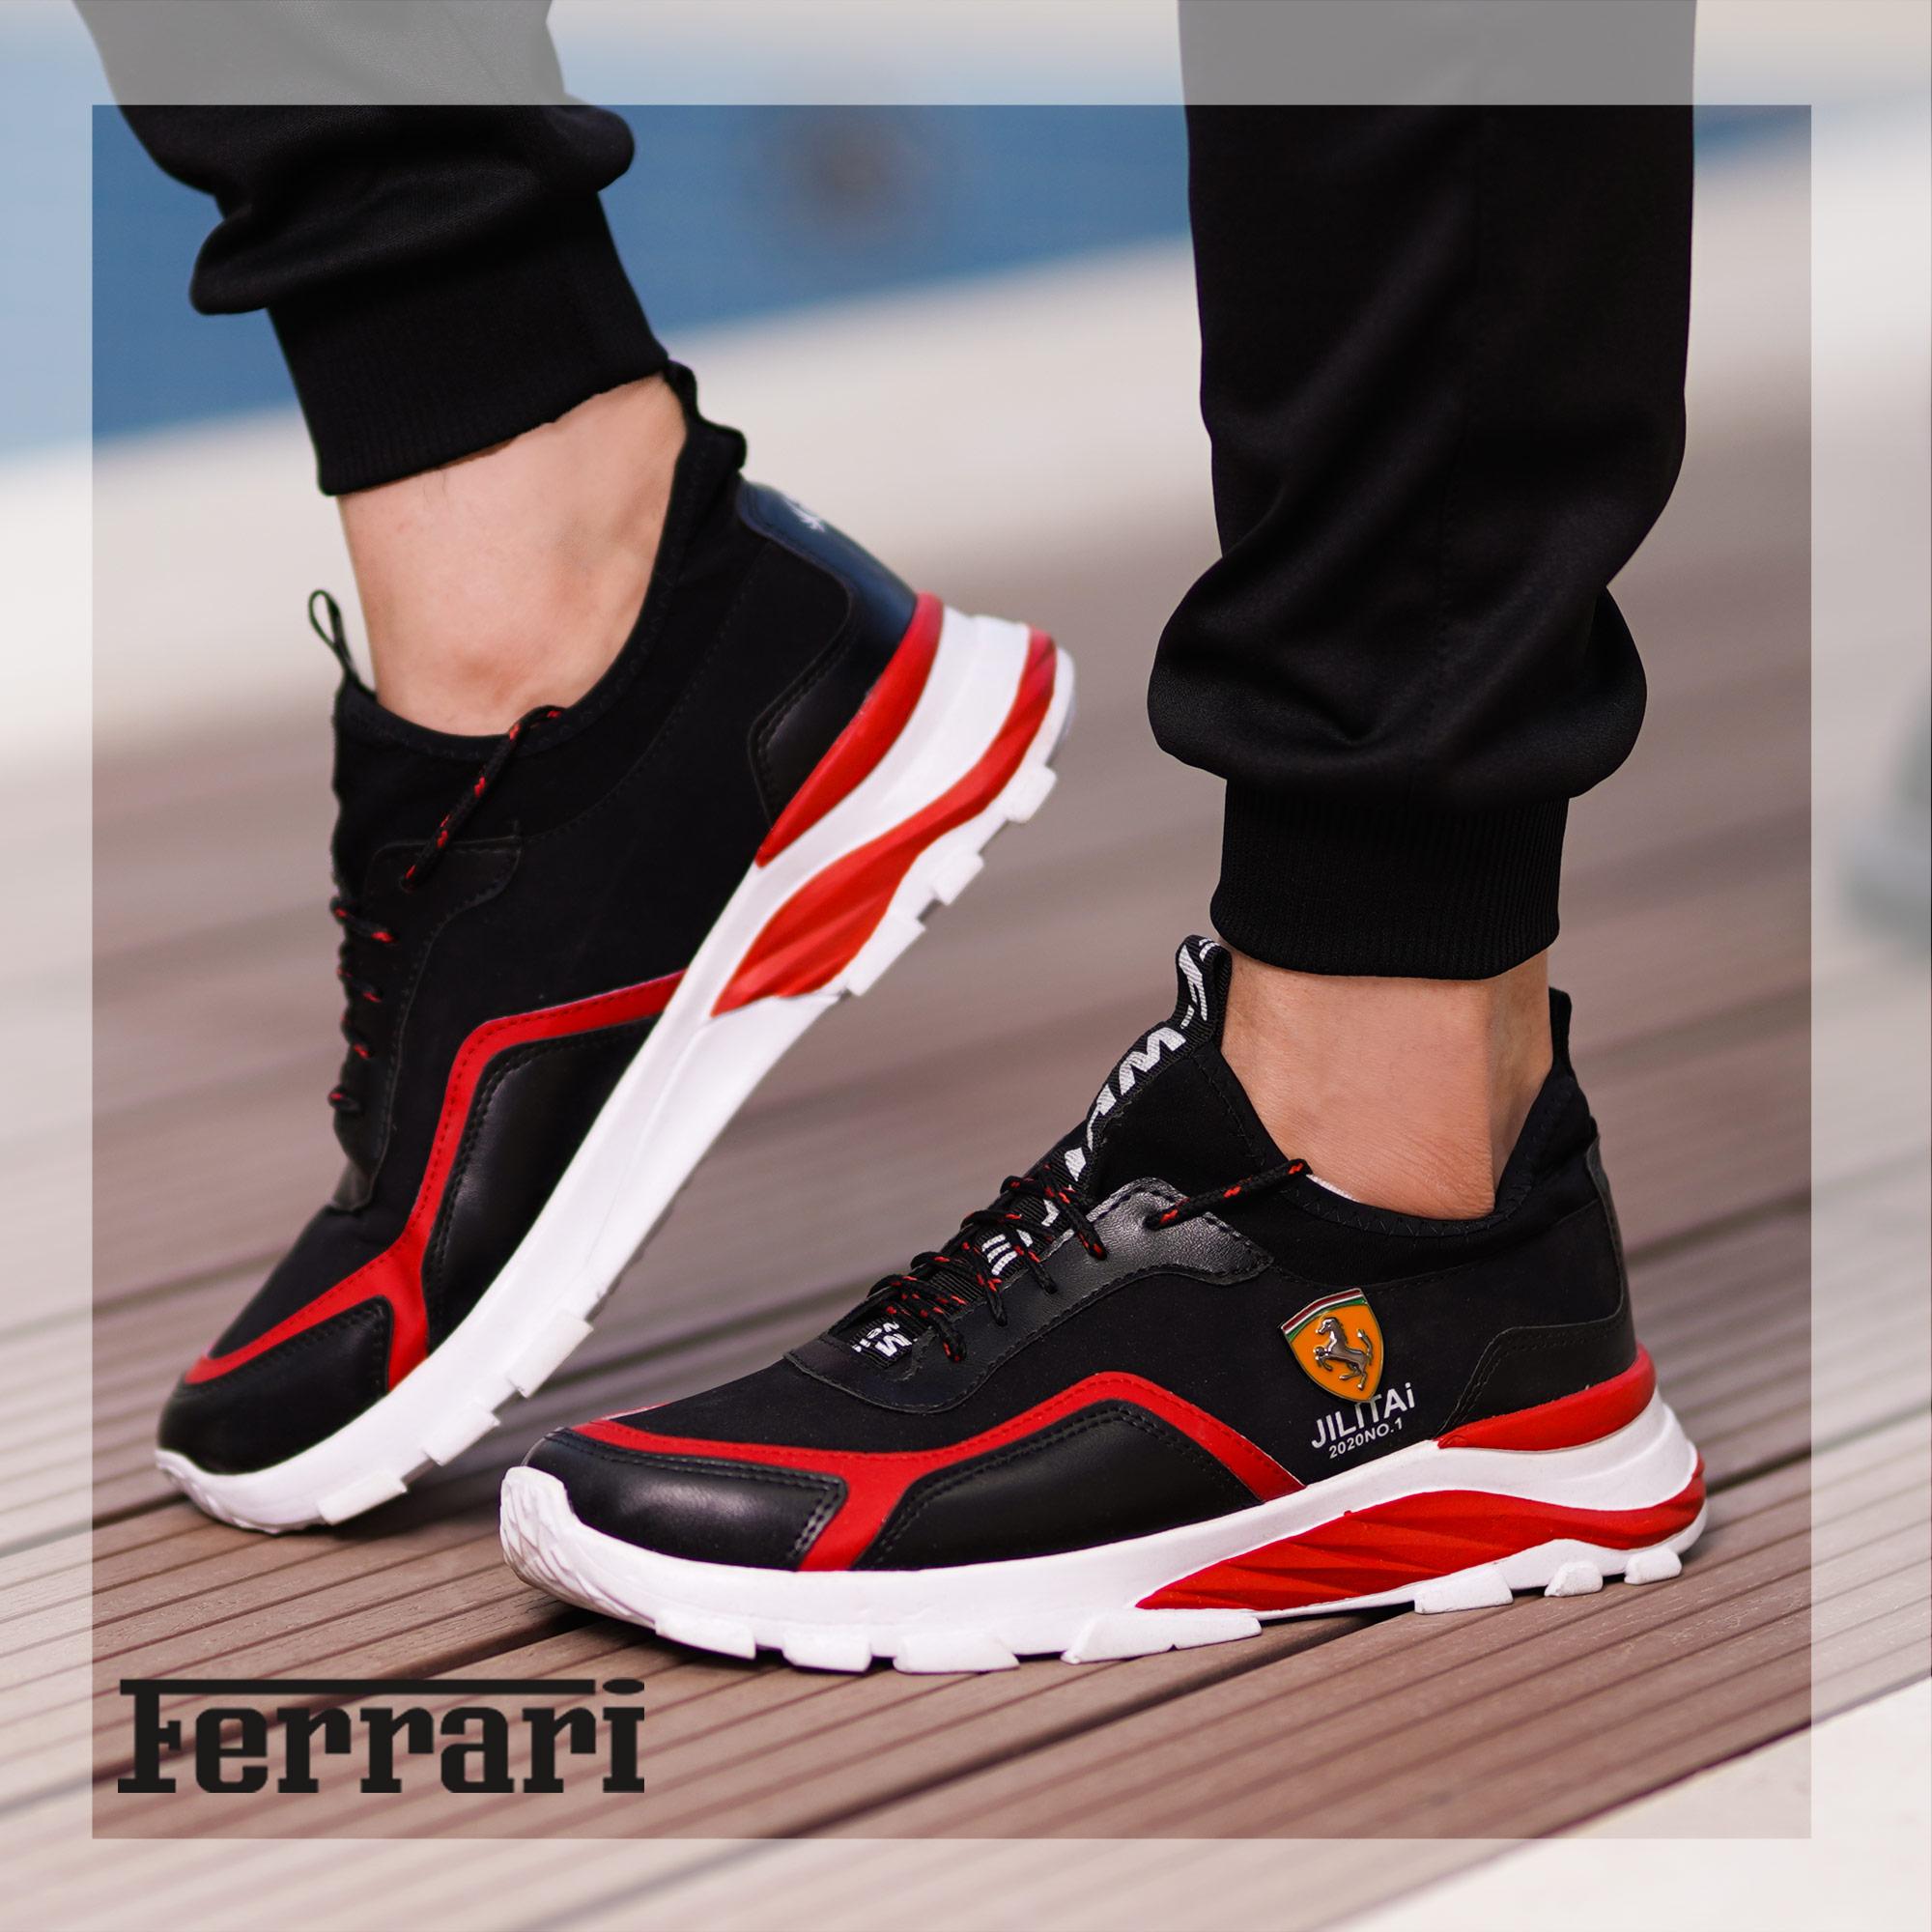 کفش مردانه Ferrari مدل JILITAi(مشکی و قرمز)